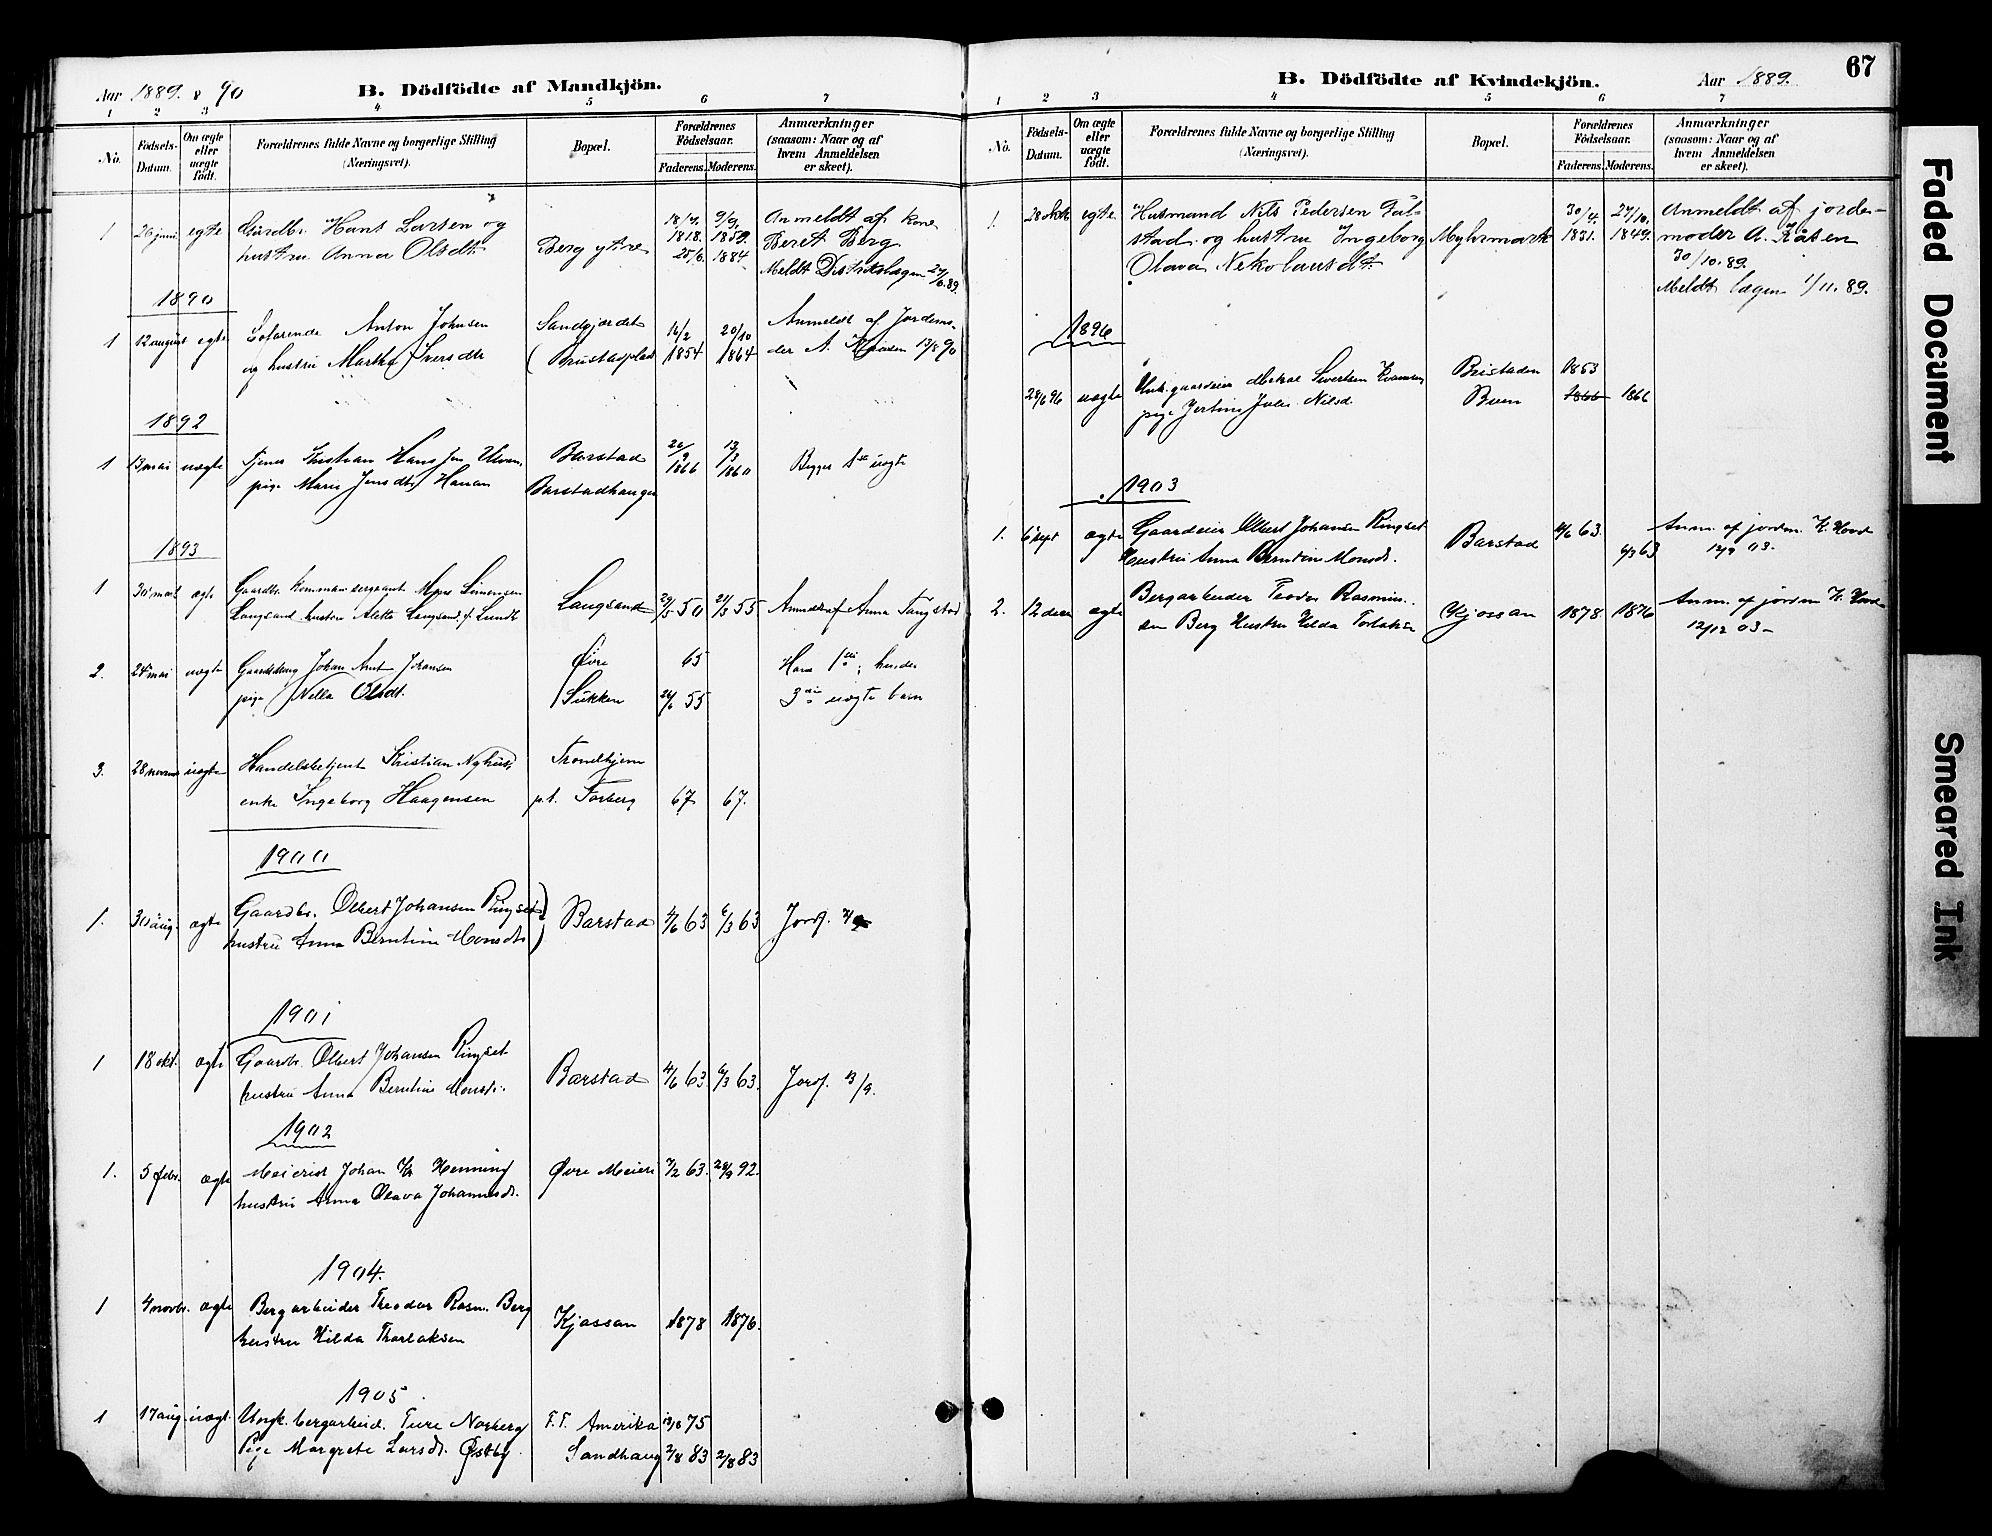 SAT, Ministerialprotokoller, klokkerbøker og fødselsregistre - Nord-Trøndelag, 722/L0226: Klokkerbok nr. 722C02, 1889-1927, s. 67